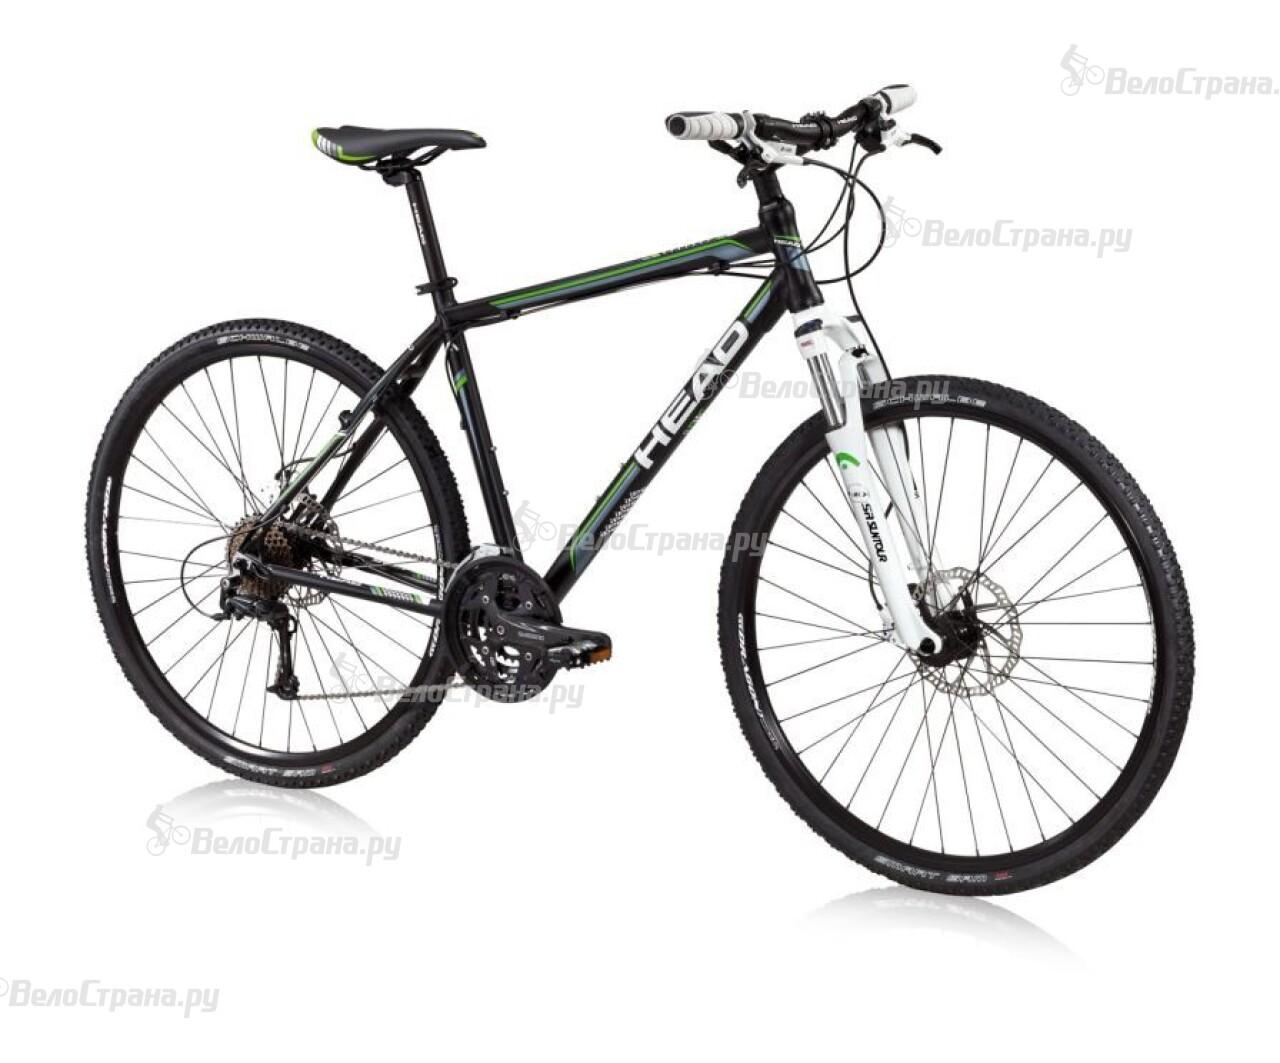 Велосипед Head I-Peak 3 (2014)